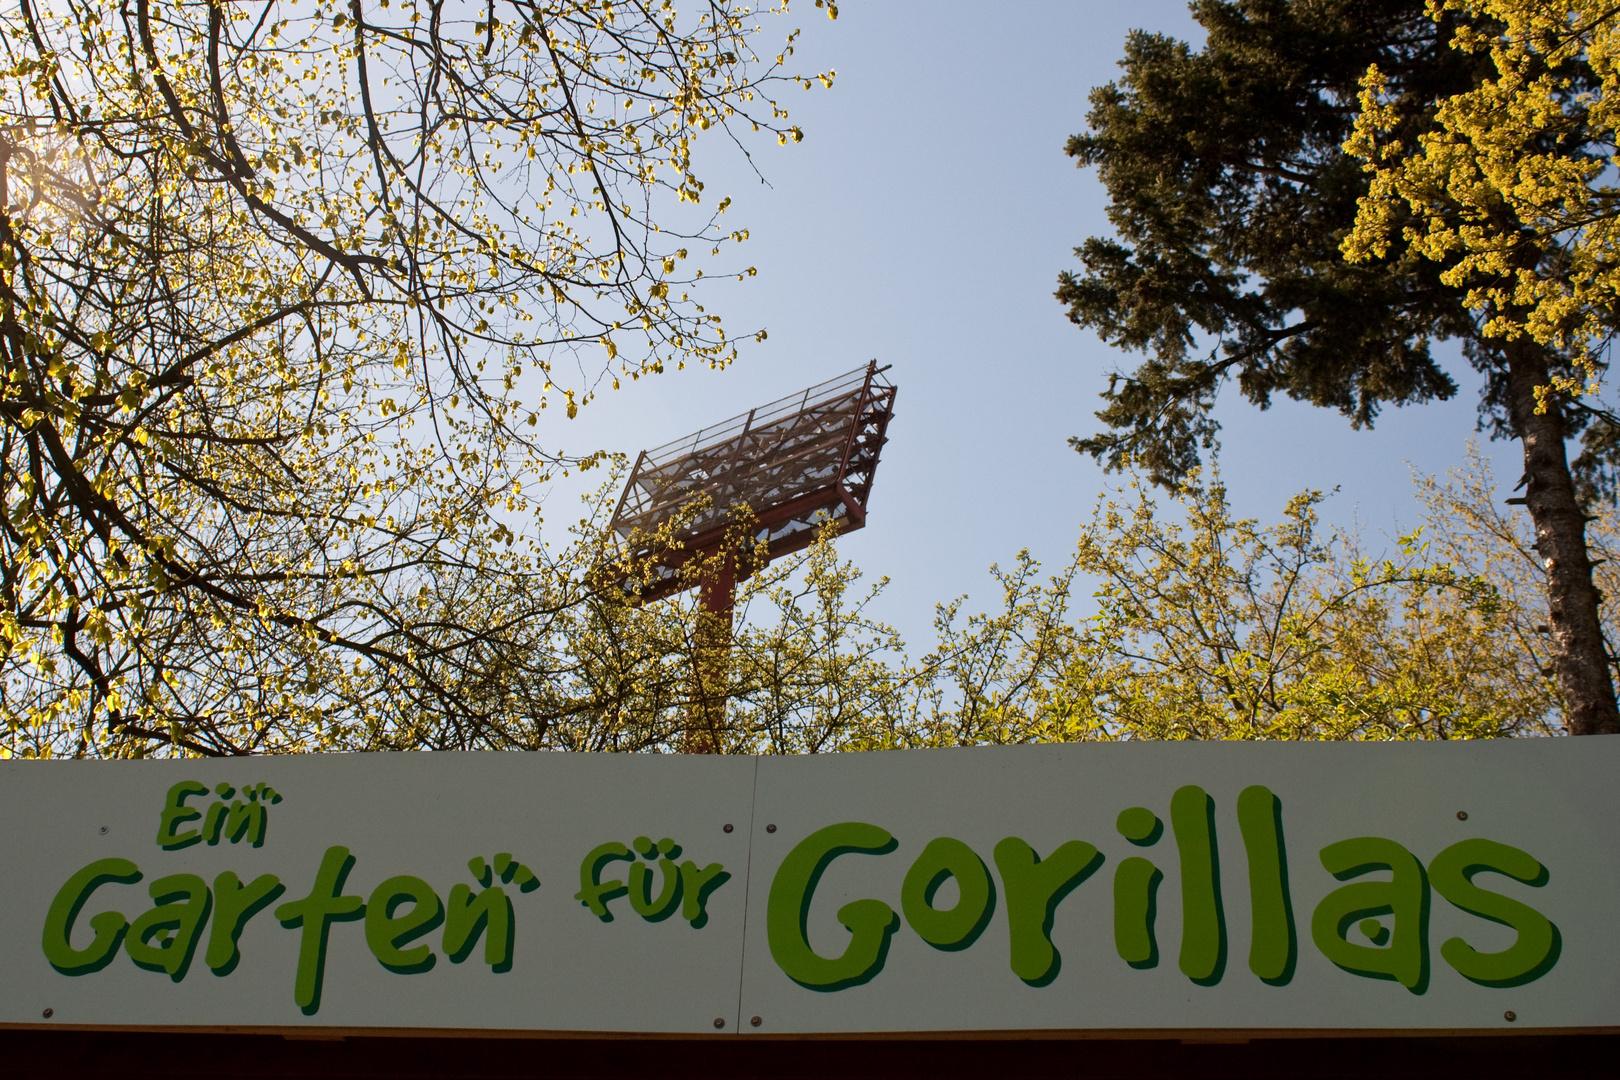 Ein Garten für Gorillas